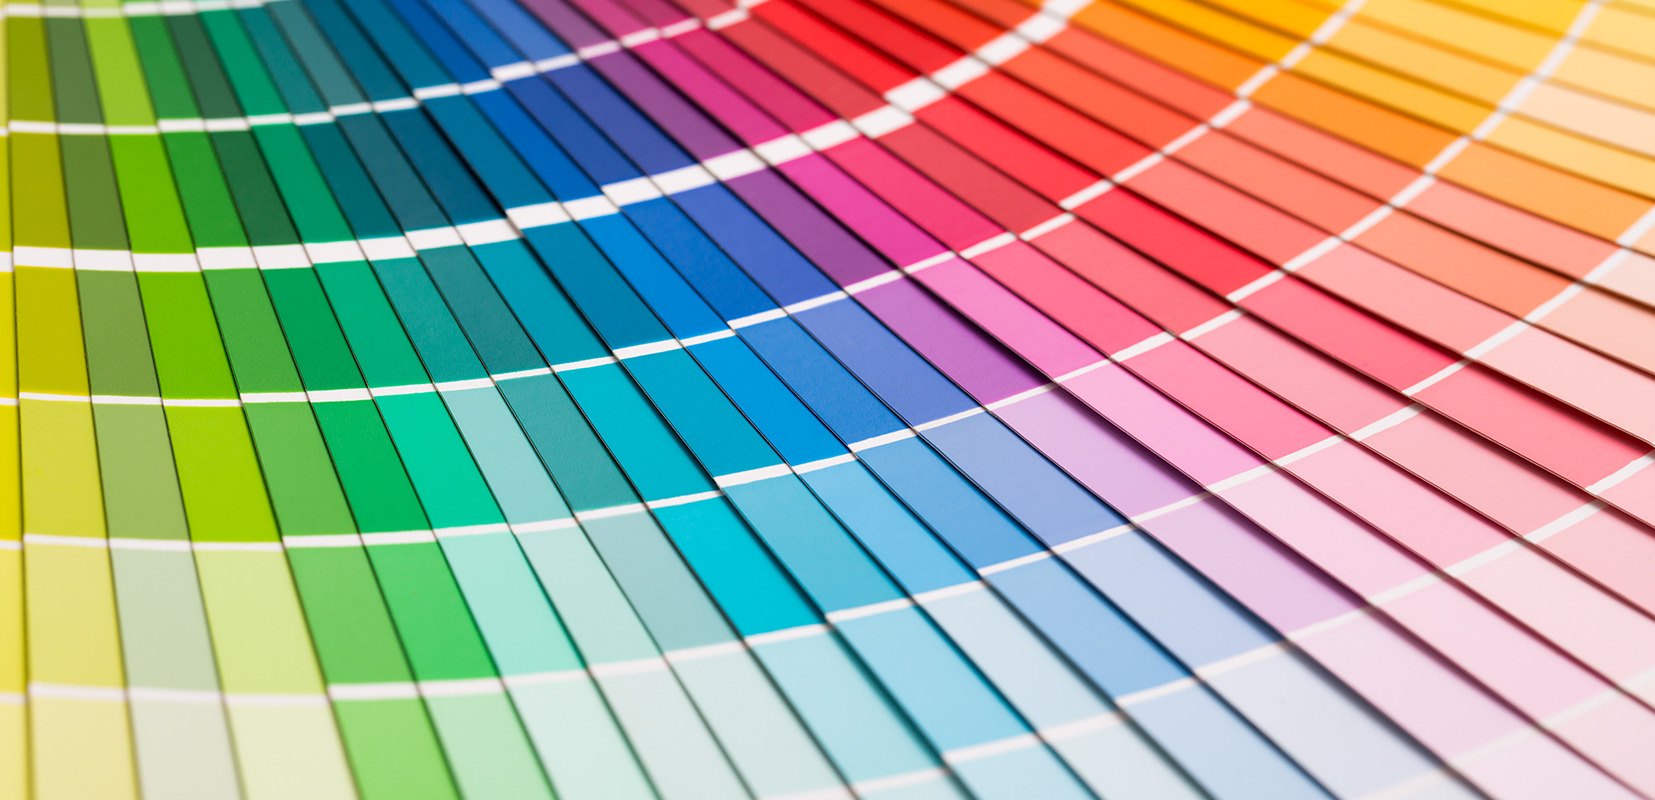 Scegli i colori dei vestiti in maniera Original grazie all'armocromia